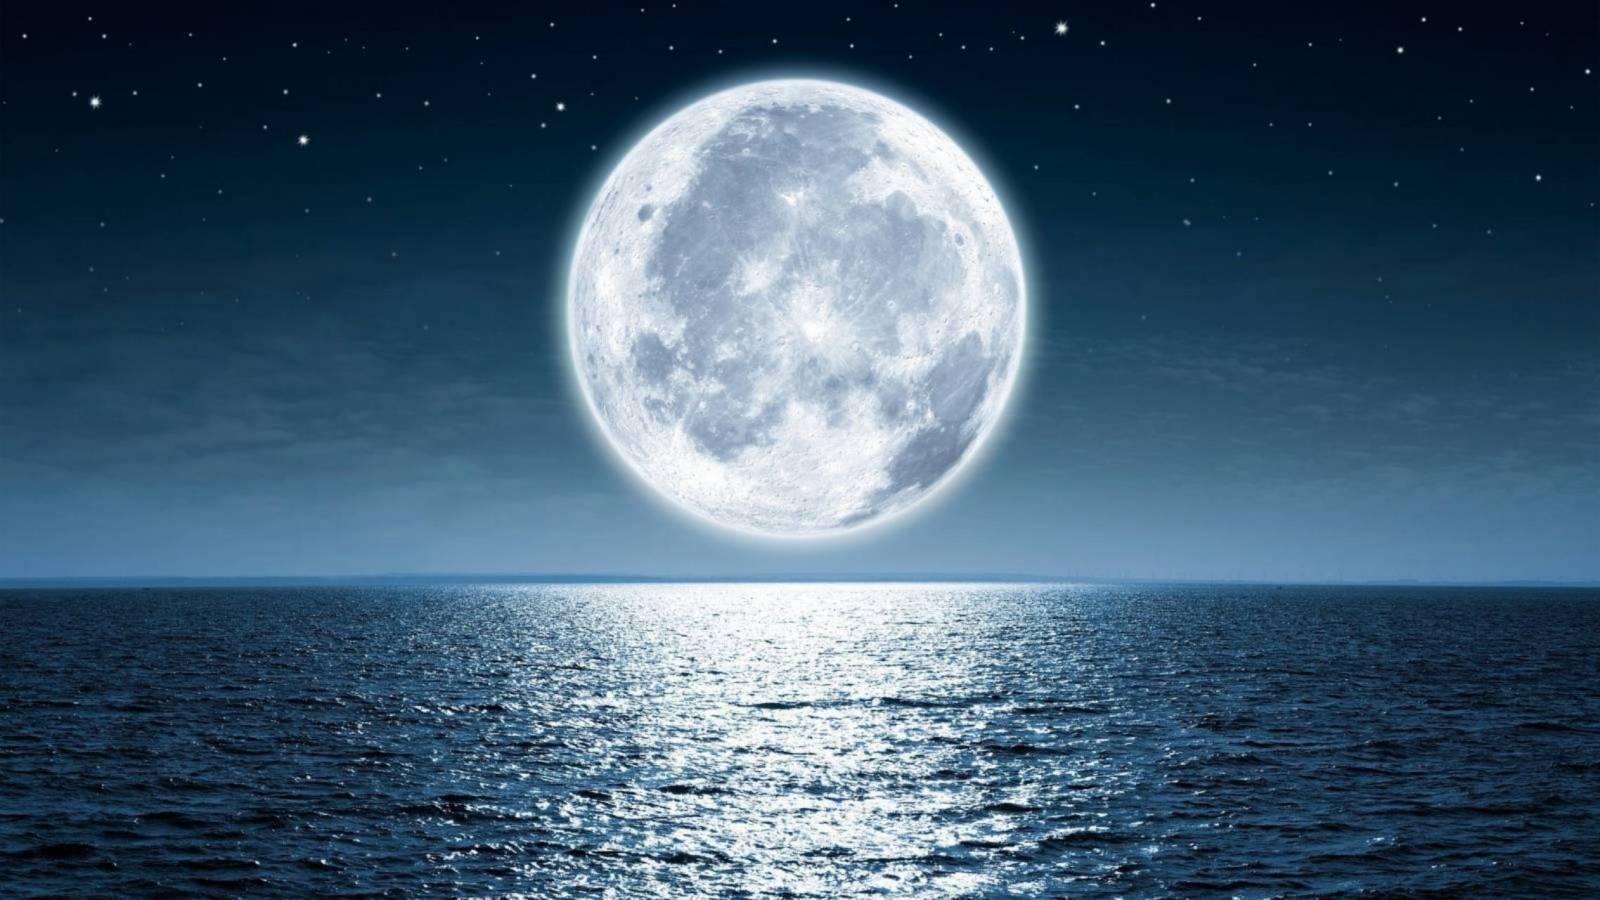 luna revenire